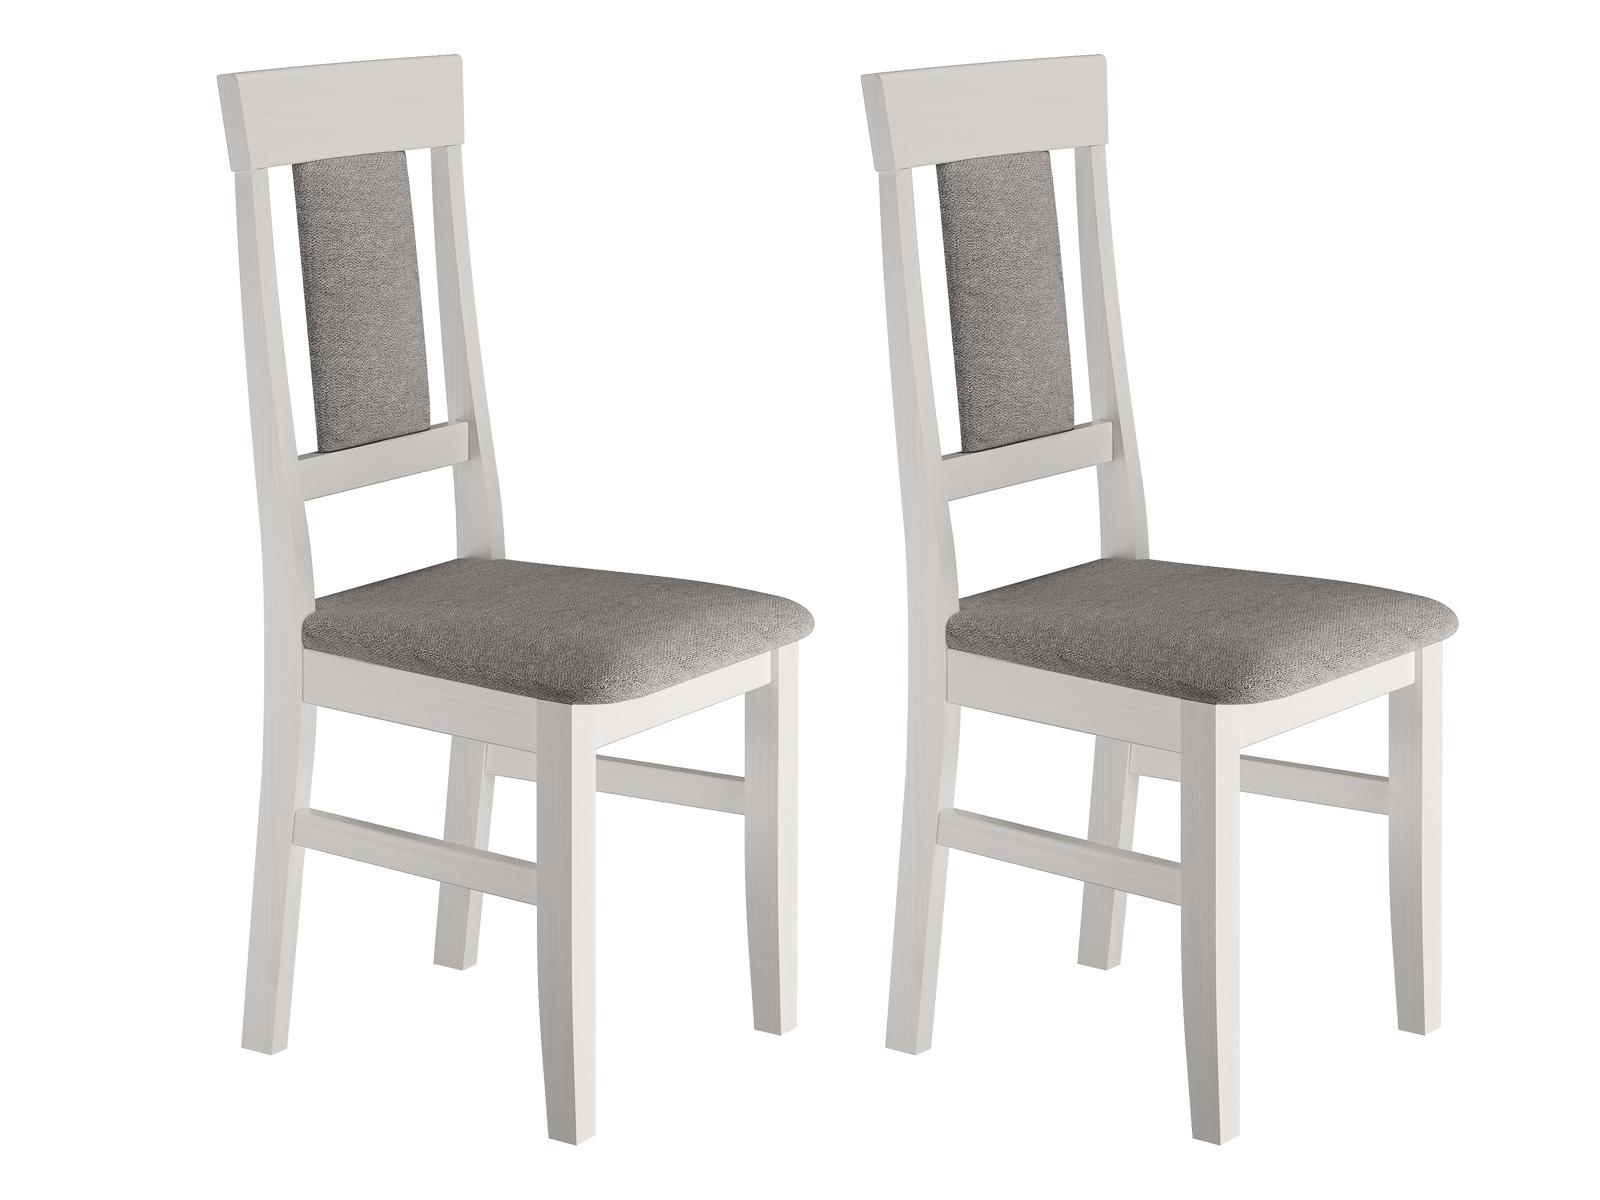 B Ware Möbel : b ware gepolsterter massivholz stuhl ~ Watch28wear.com Haus und Dekorationen